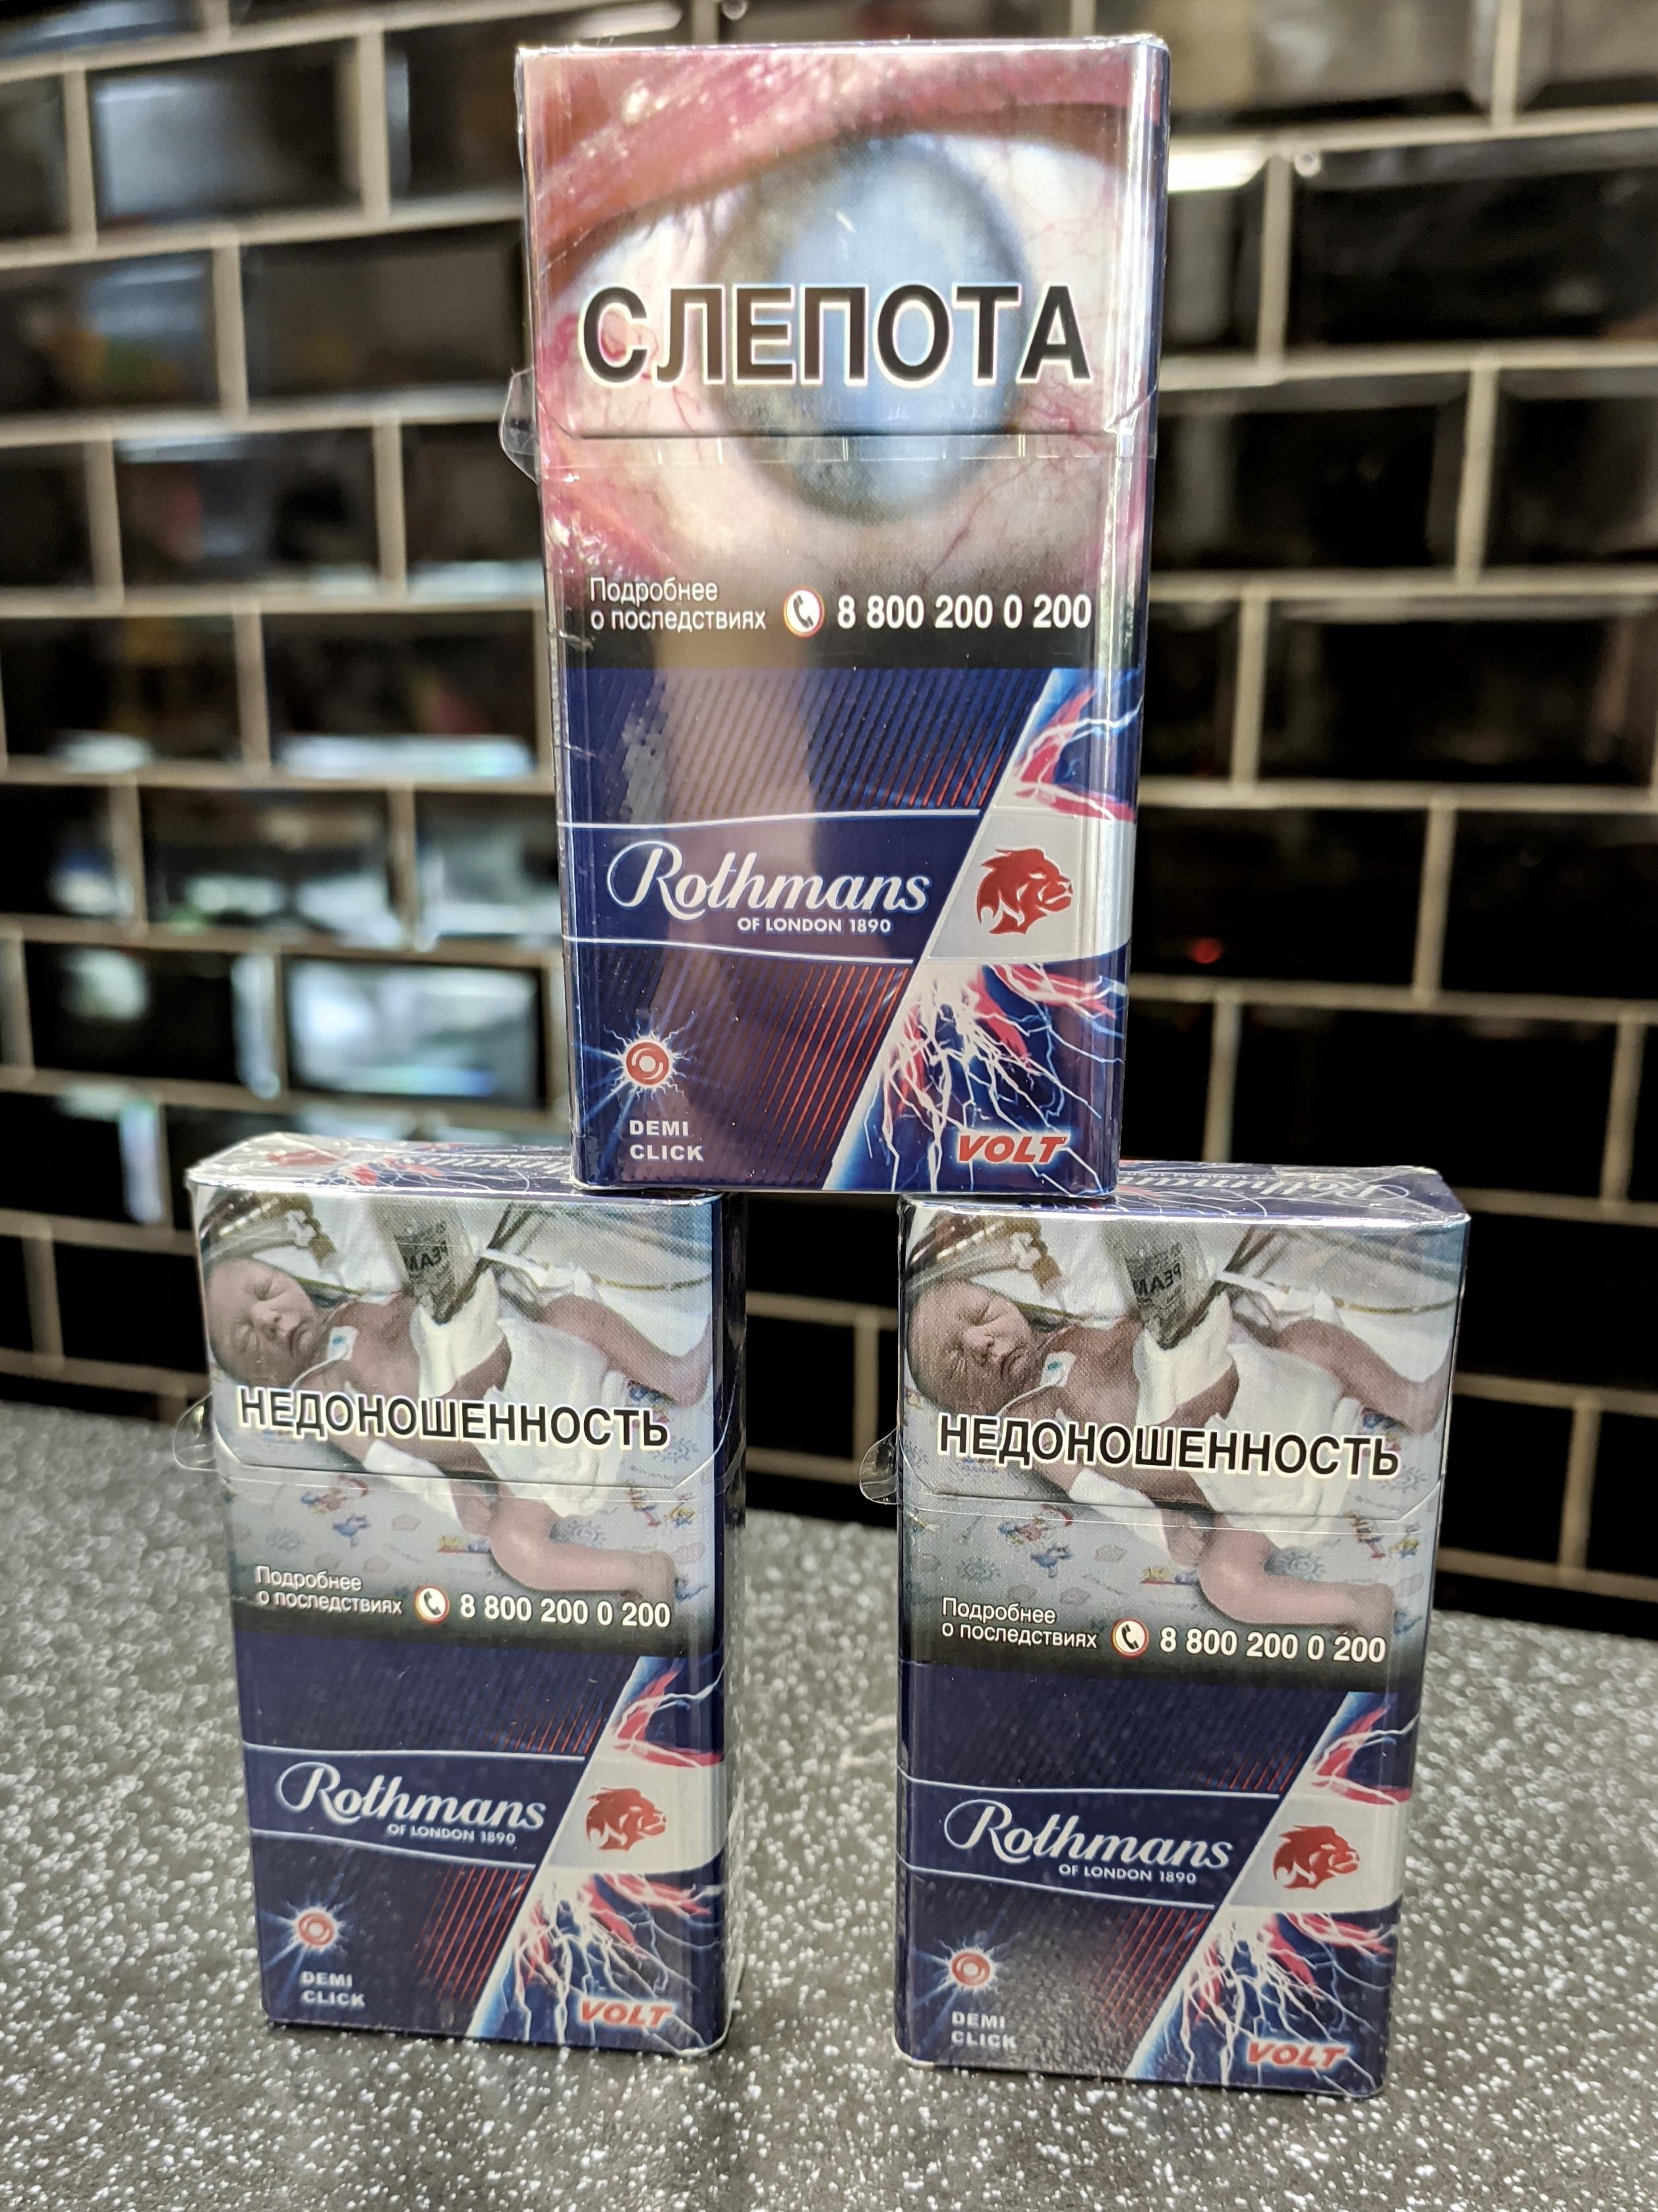 Купить сигареты ротманс в россии сигареты оптом москва марки